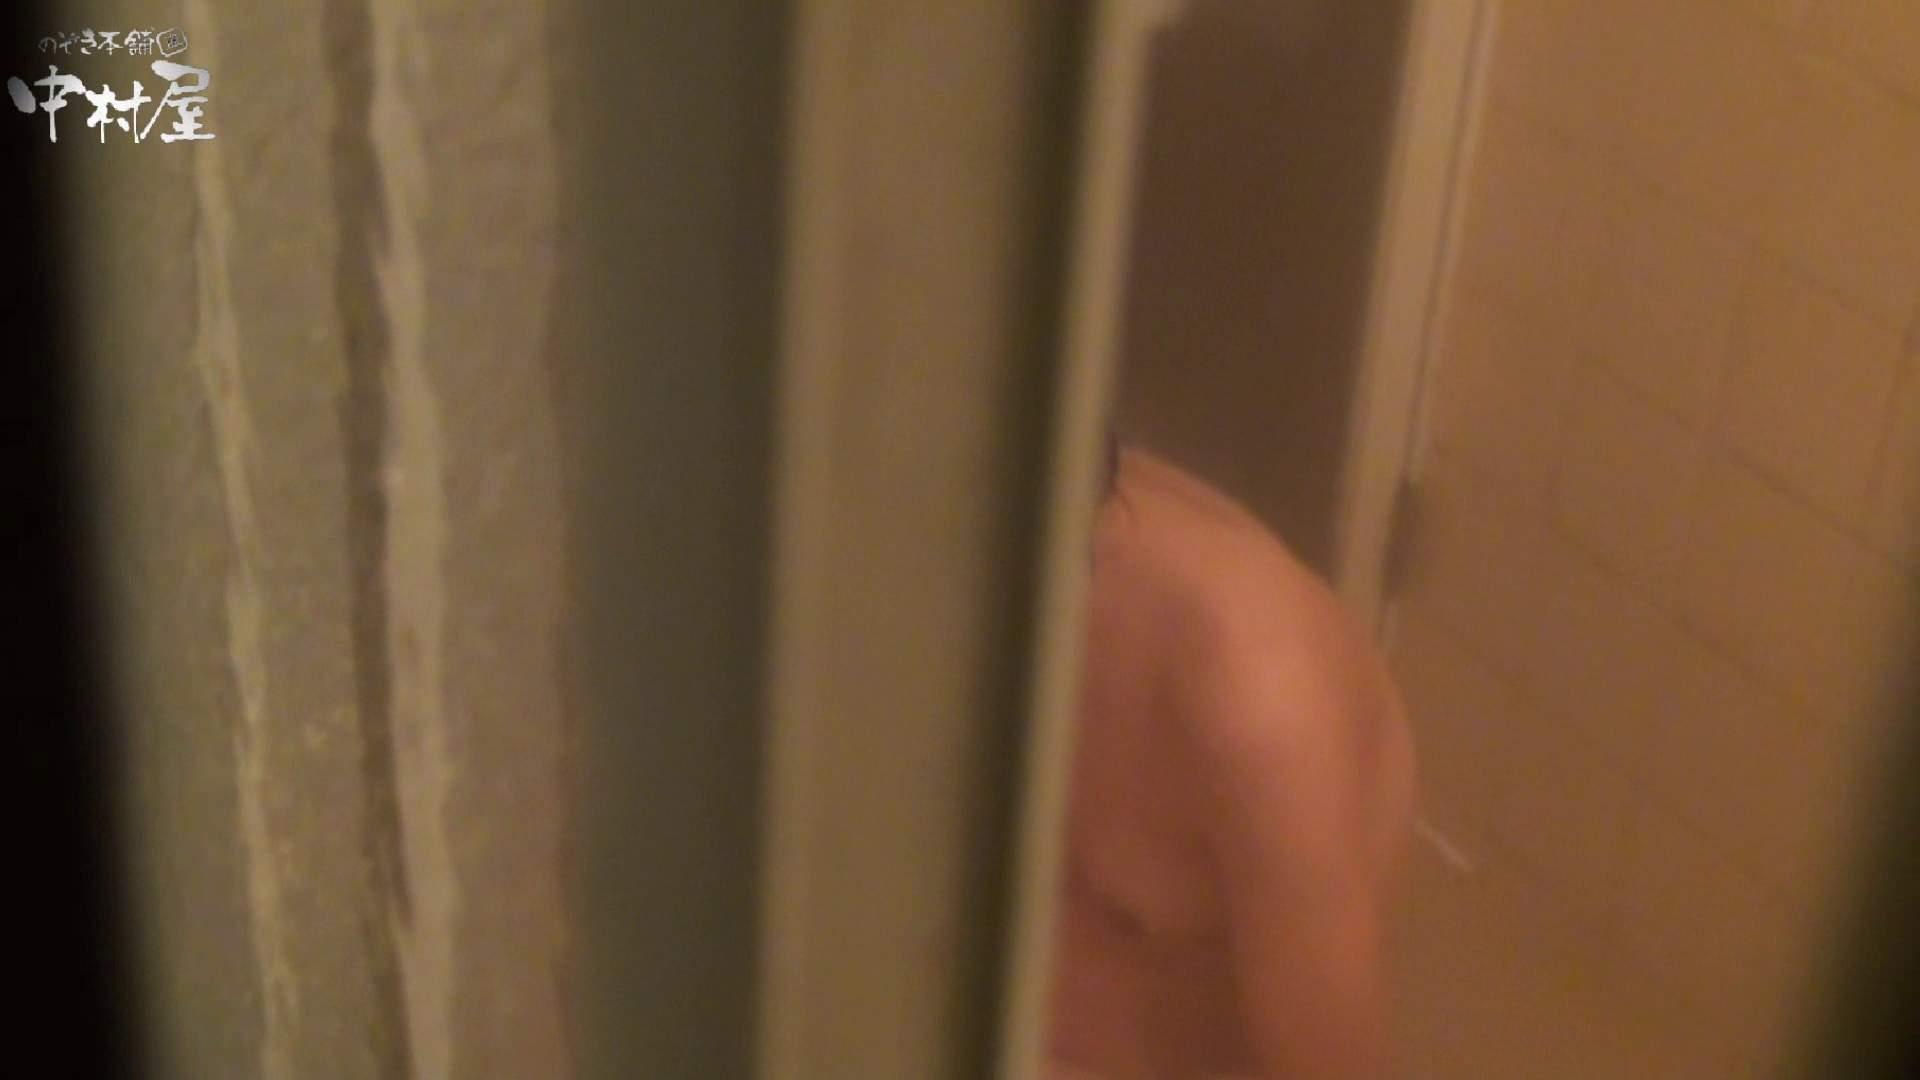 民家風呂専門盗撮師の超危険映像 vol.032 盗撮 覗きおまんこ画像 105枚 87